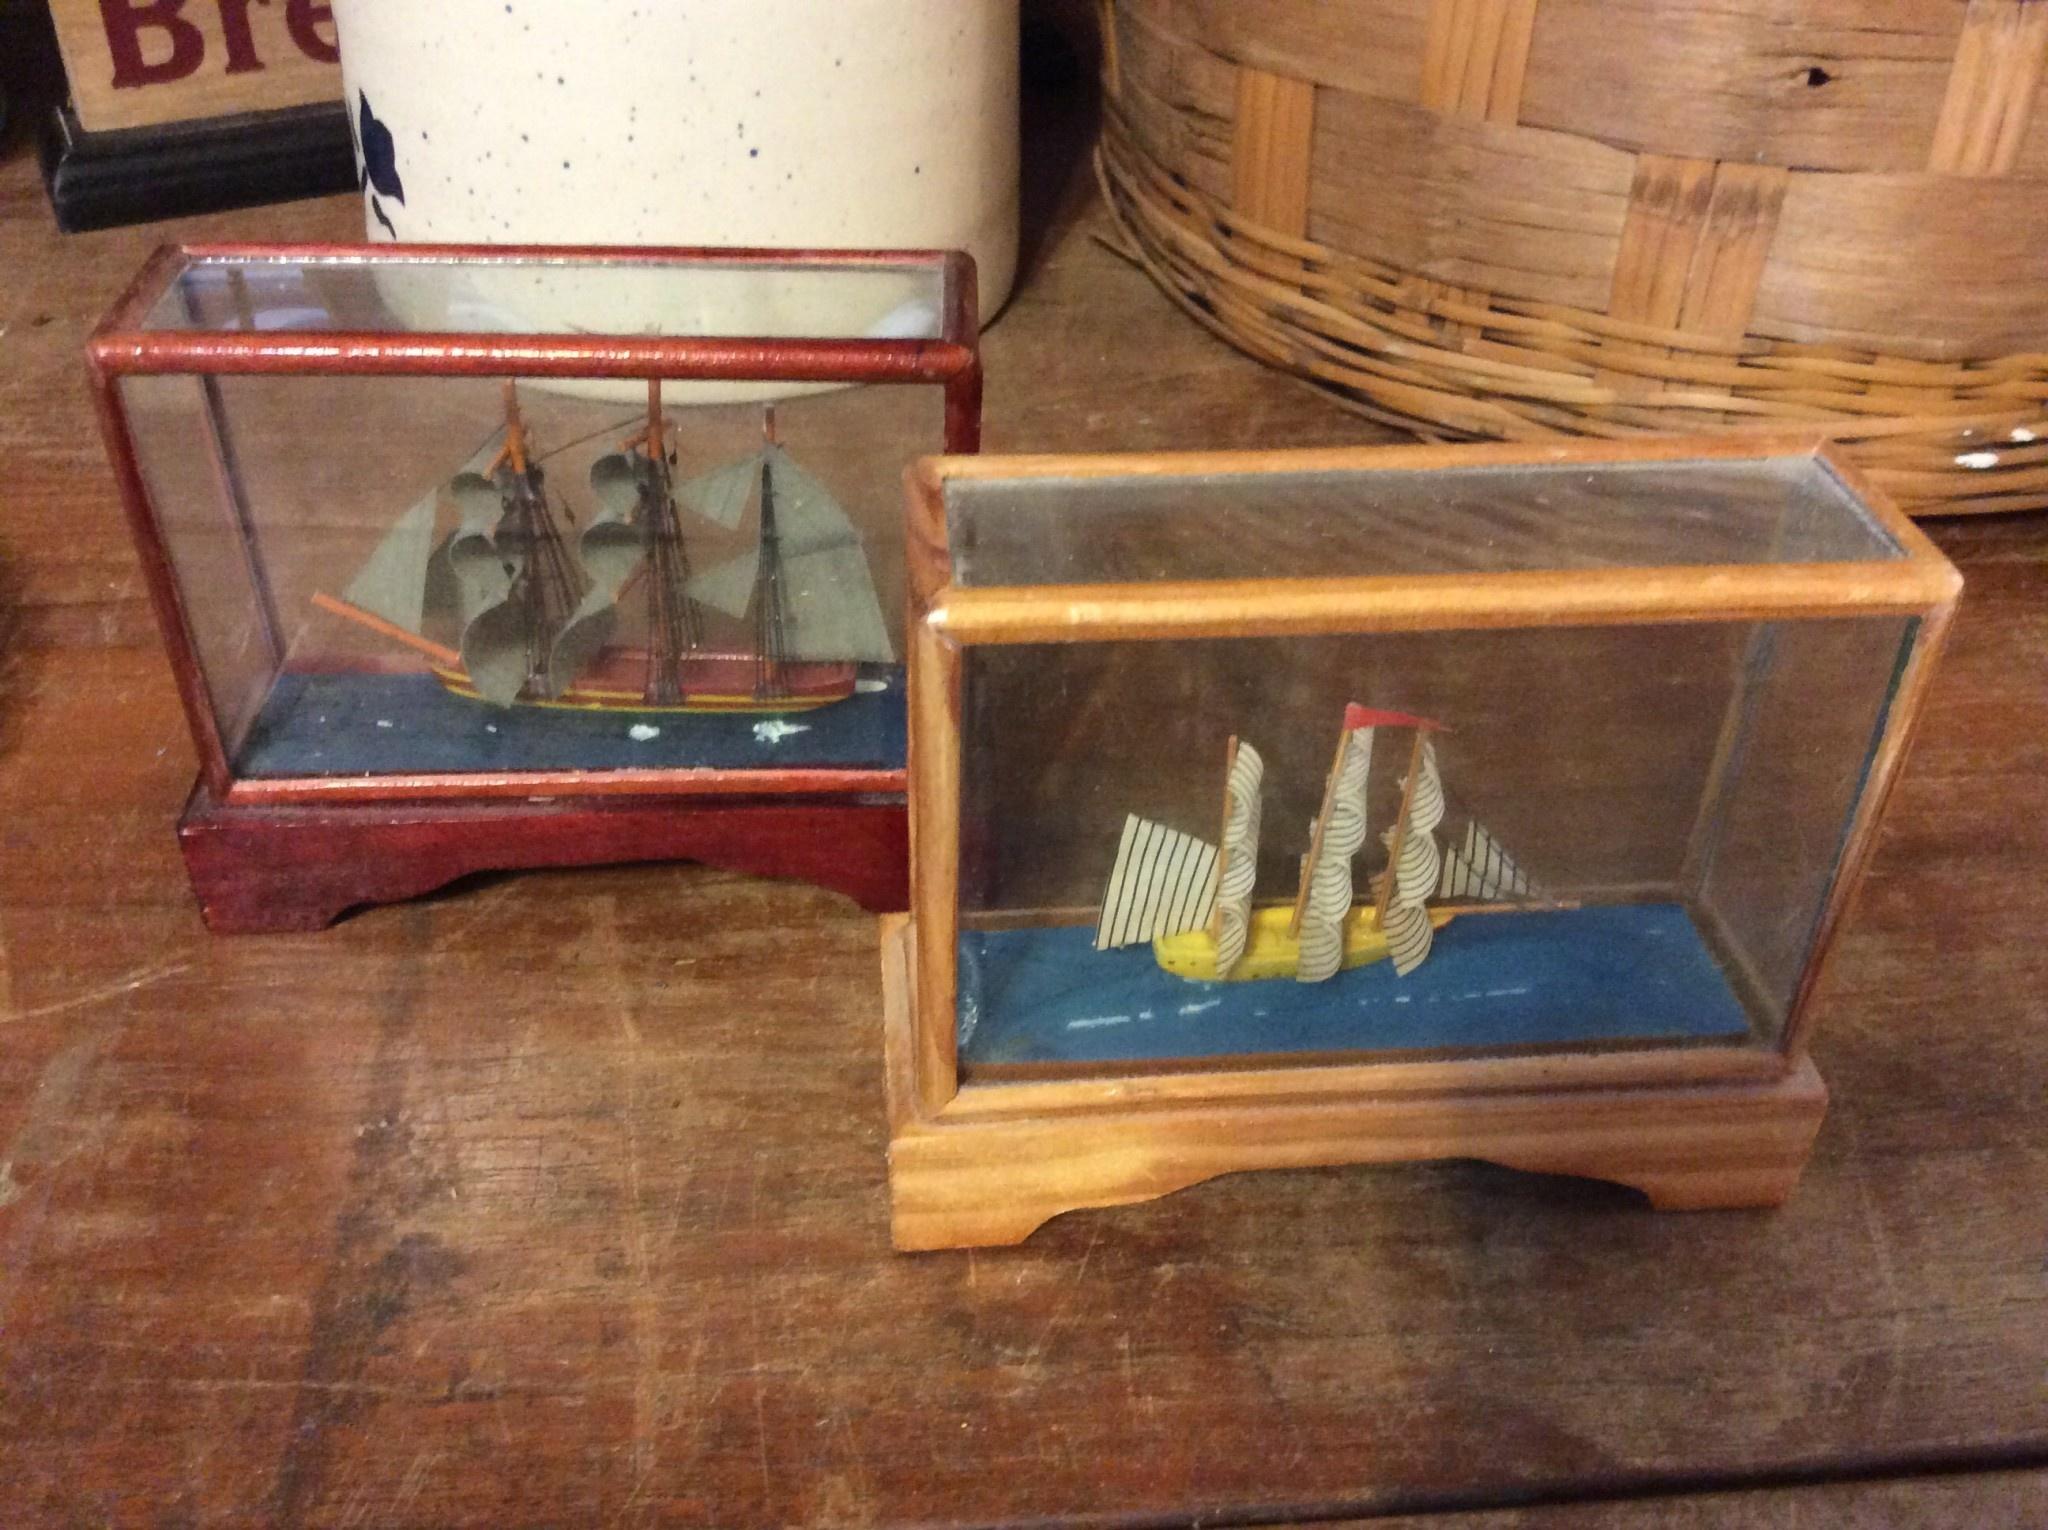 Small ship in case